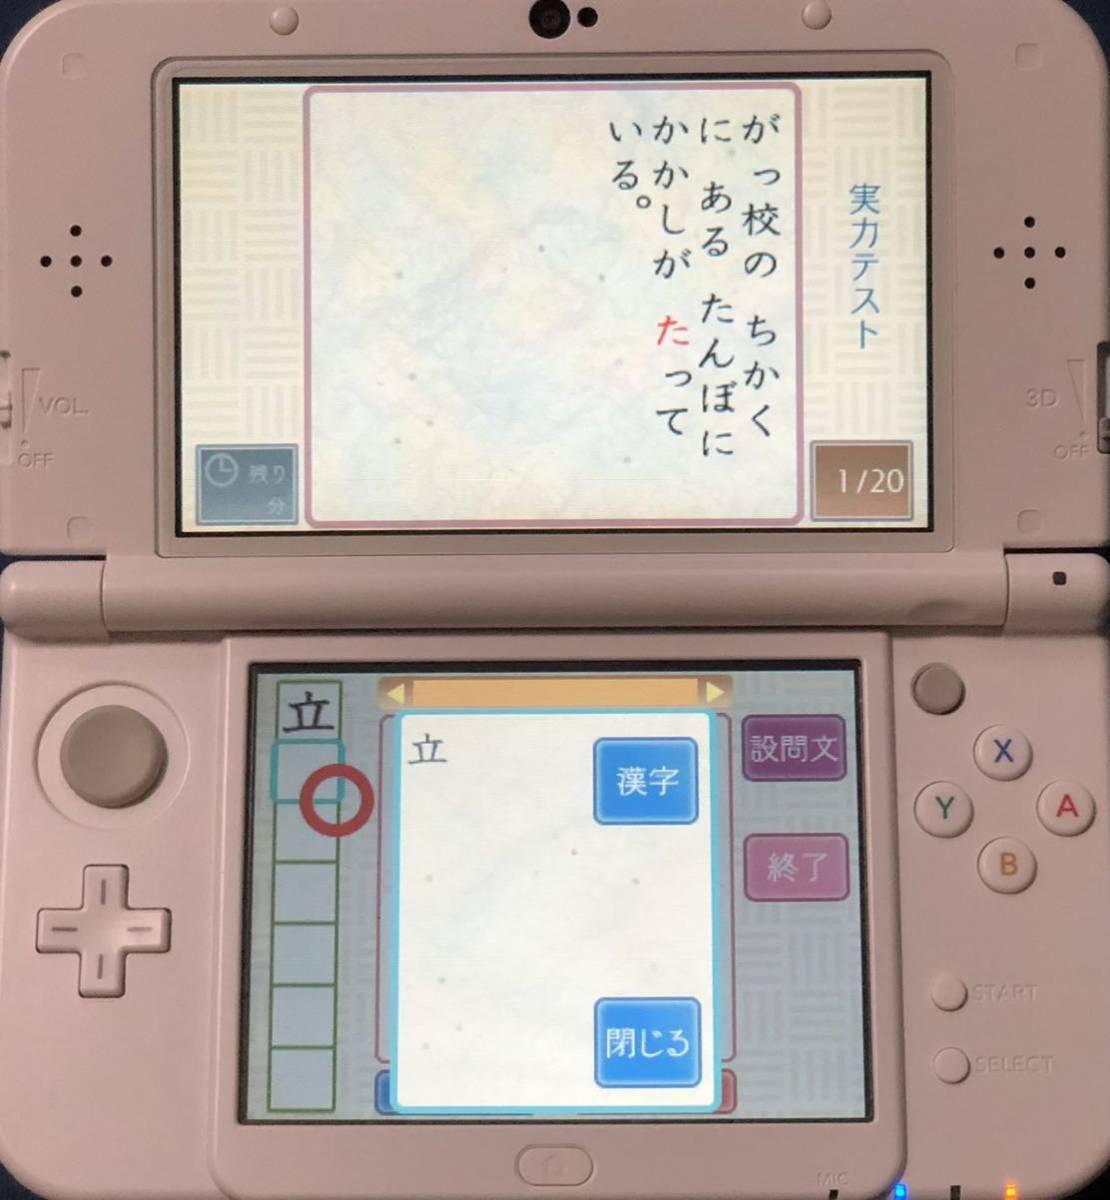 【動作確認画像有】 3DS 公益財団法人 日本漢字能力検定協会 漢検トレーニング2 ニンテンドー3DS Nintendo 3DS ゲームソフト カセット